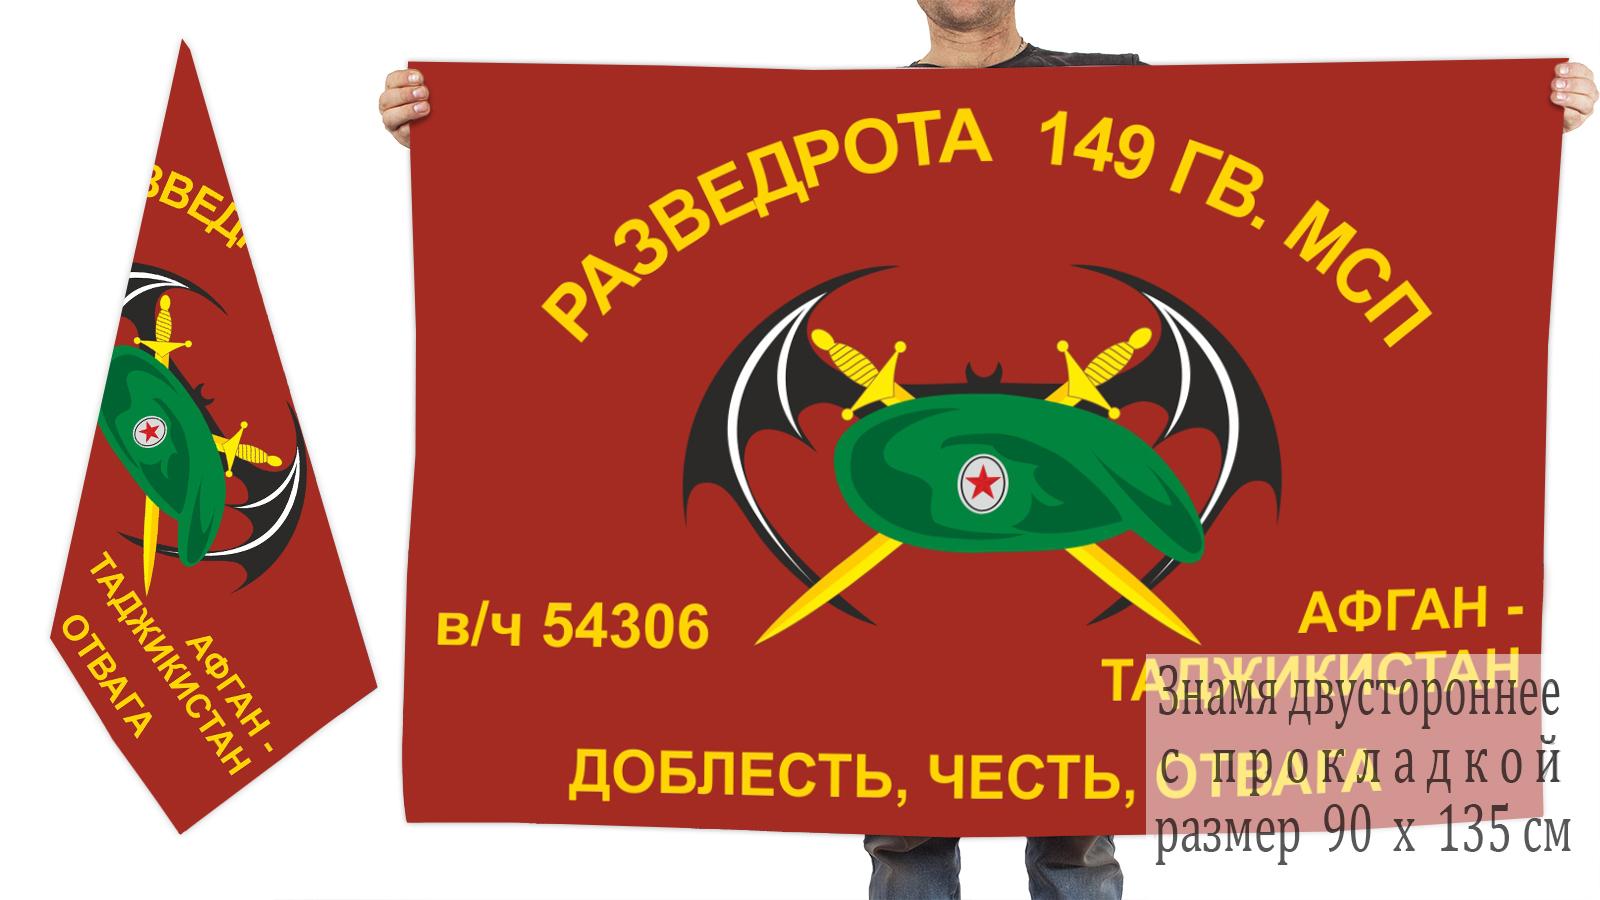 Двусторонний флаг Разведроты 149 Гв. МСП